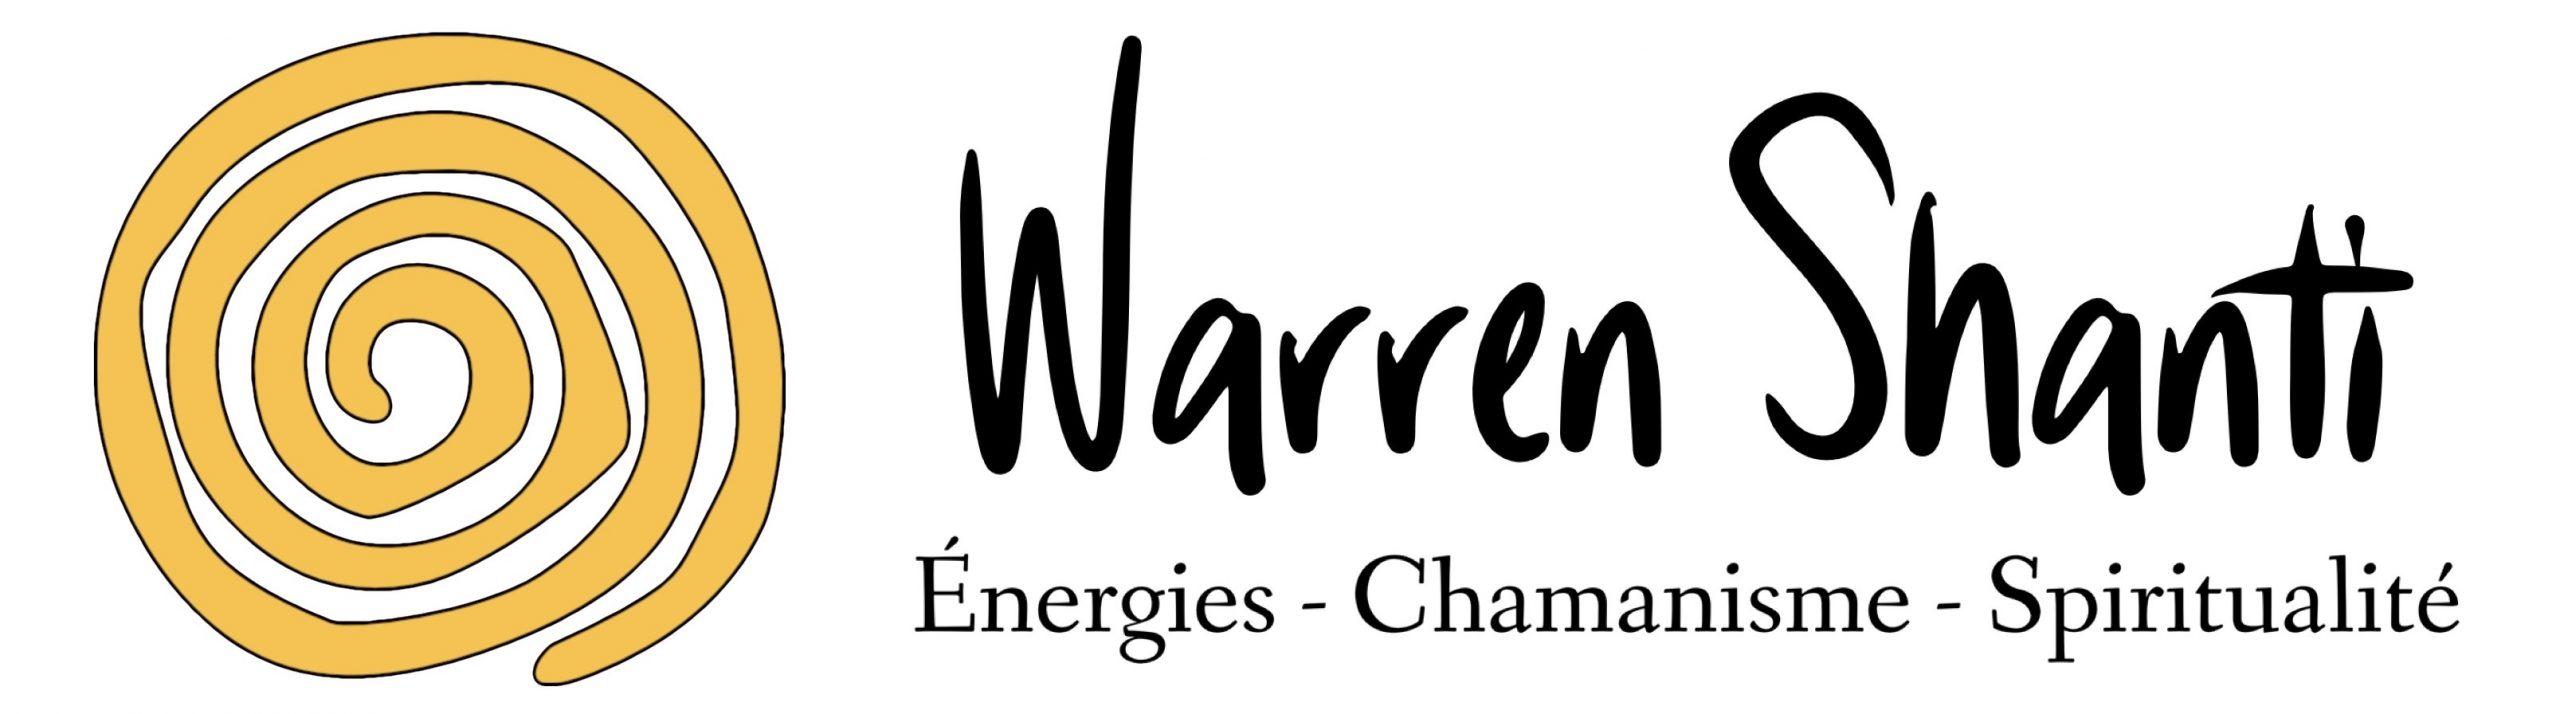 Warren Shanti - Soins Énergétiques Holistique